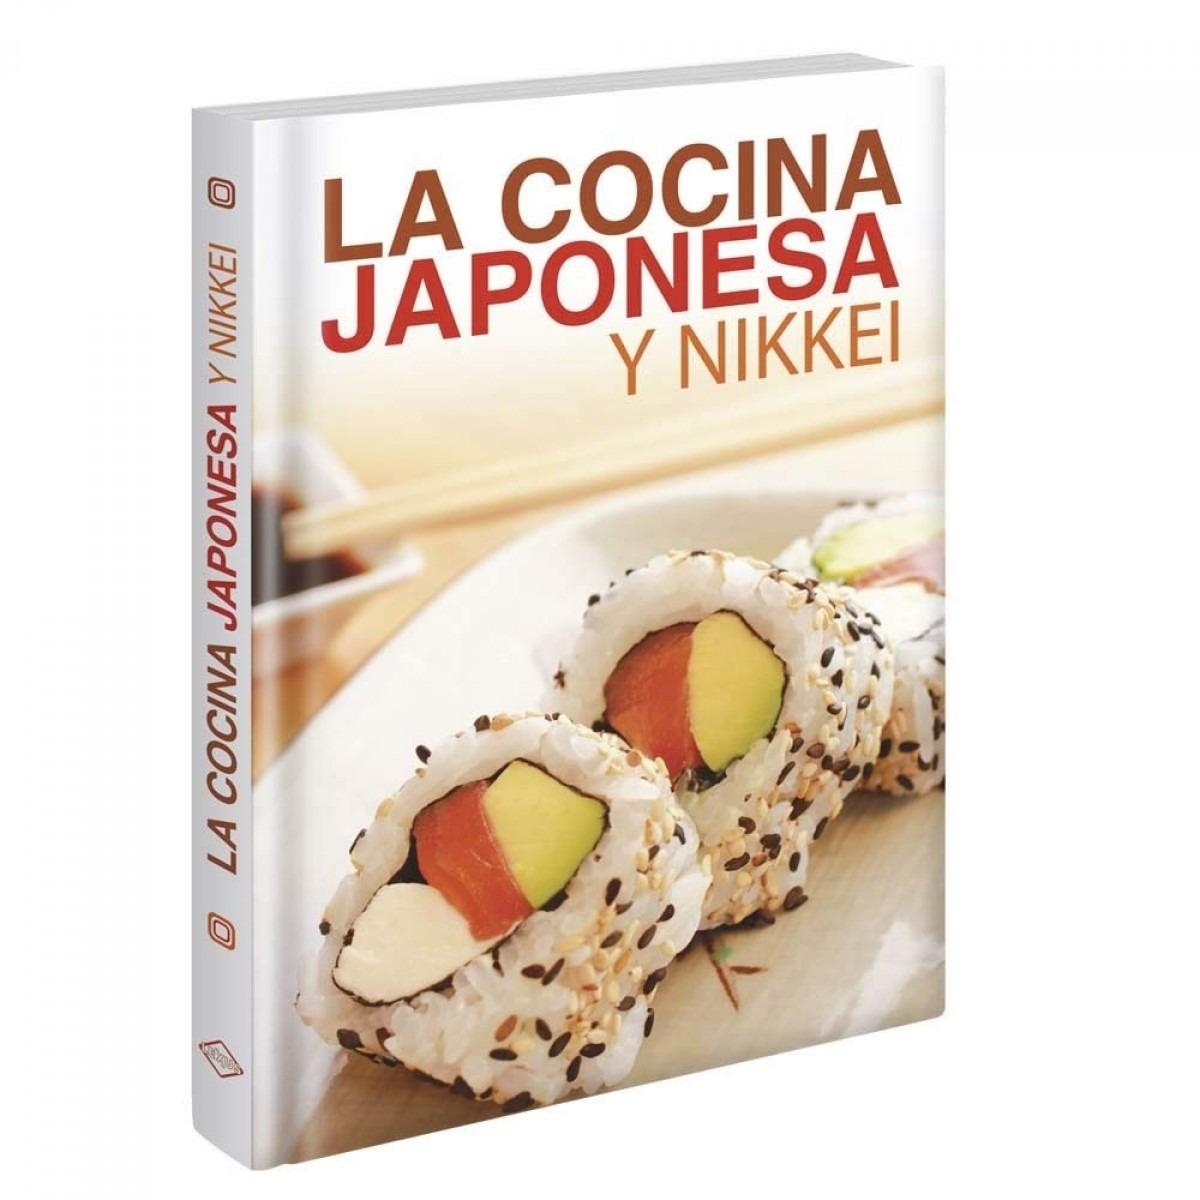 Plidelsa la cocina japonesa y nikkei - Libros de cocina ...